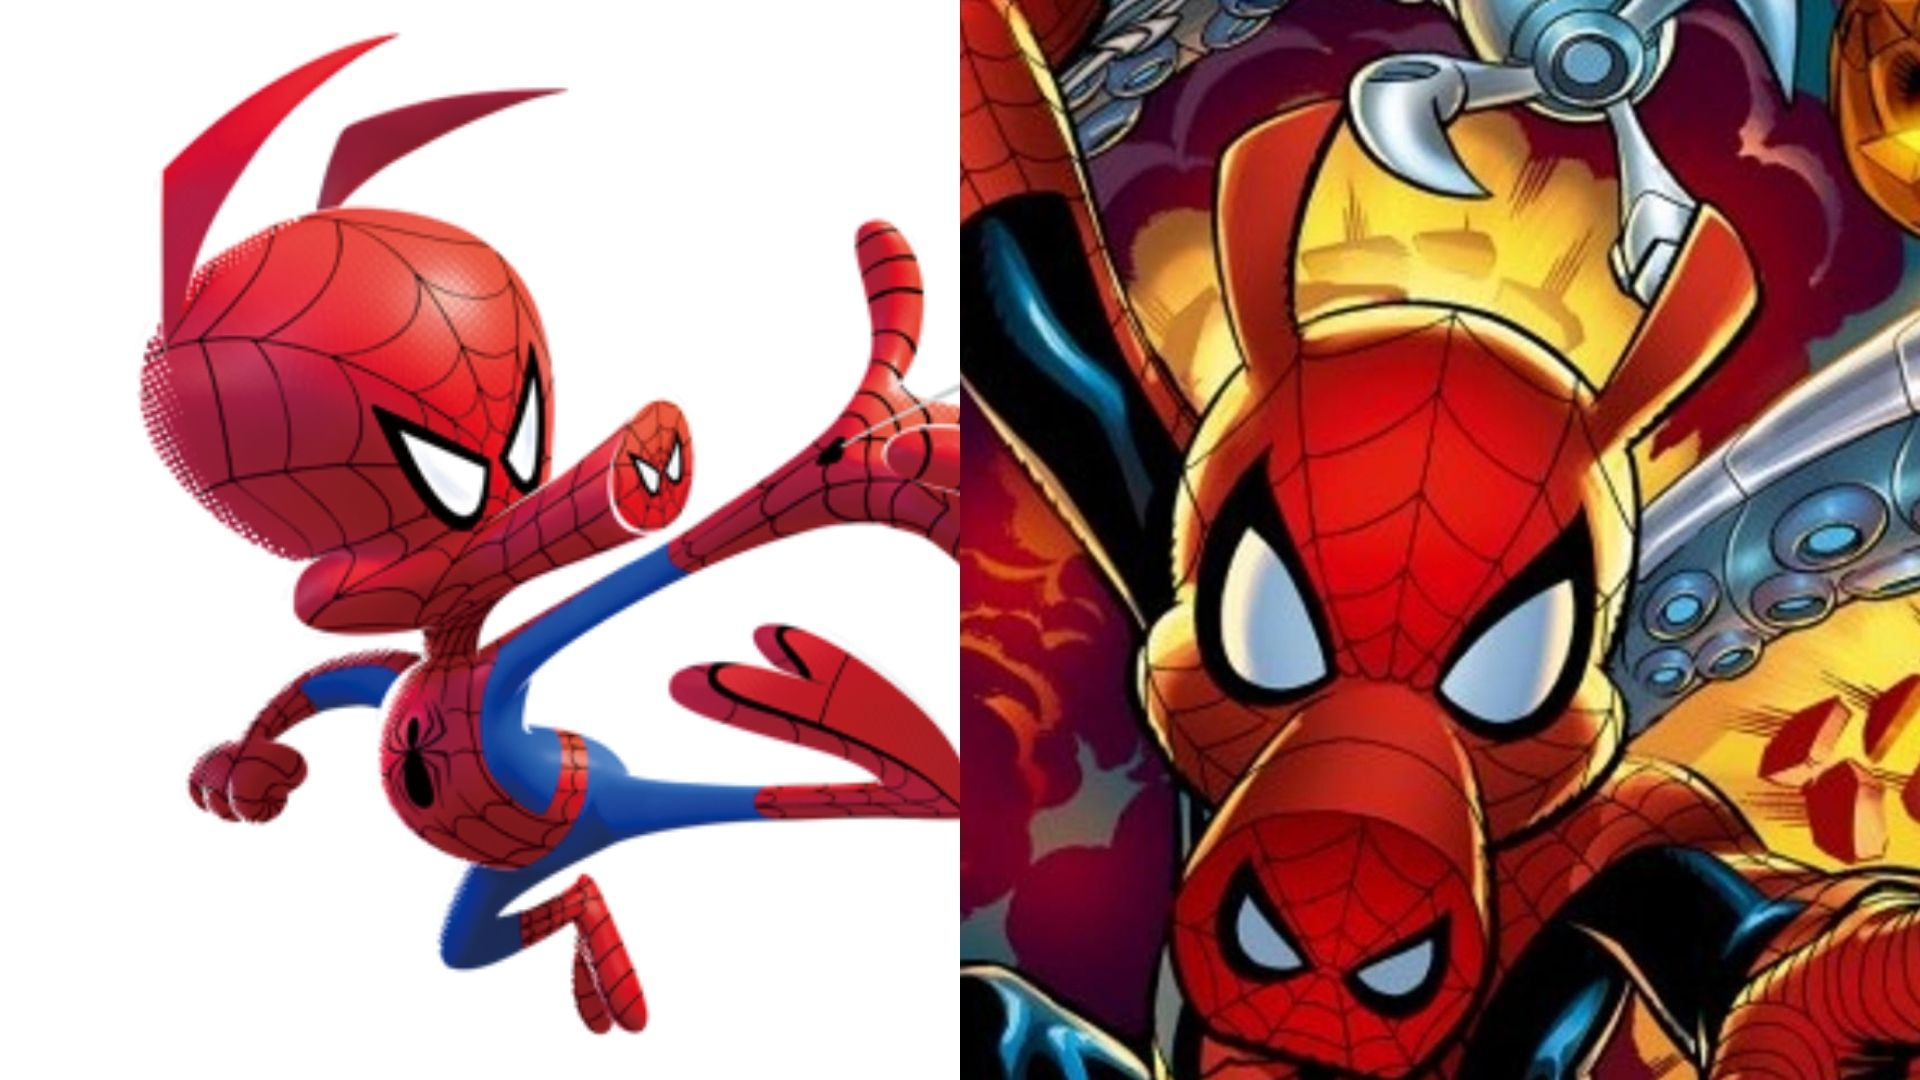 【スパイダーマン:スパイダーバース】スパイダーハムの強さ・能力について解説!【マーベル原作】